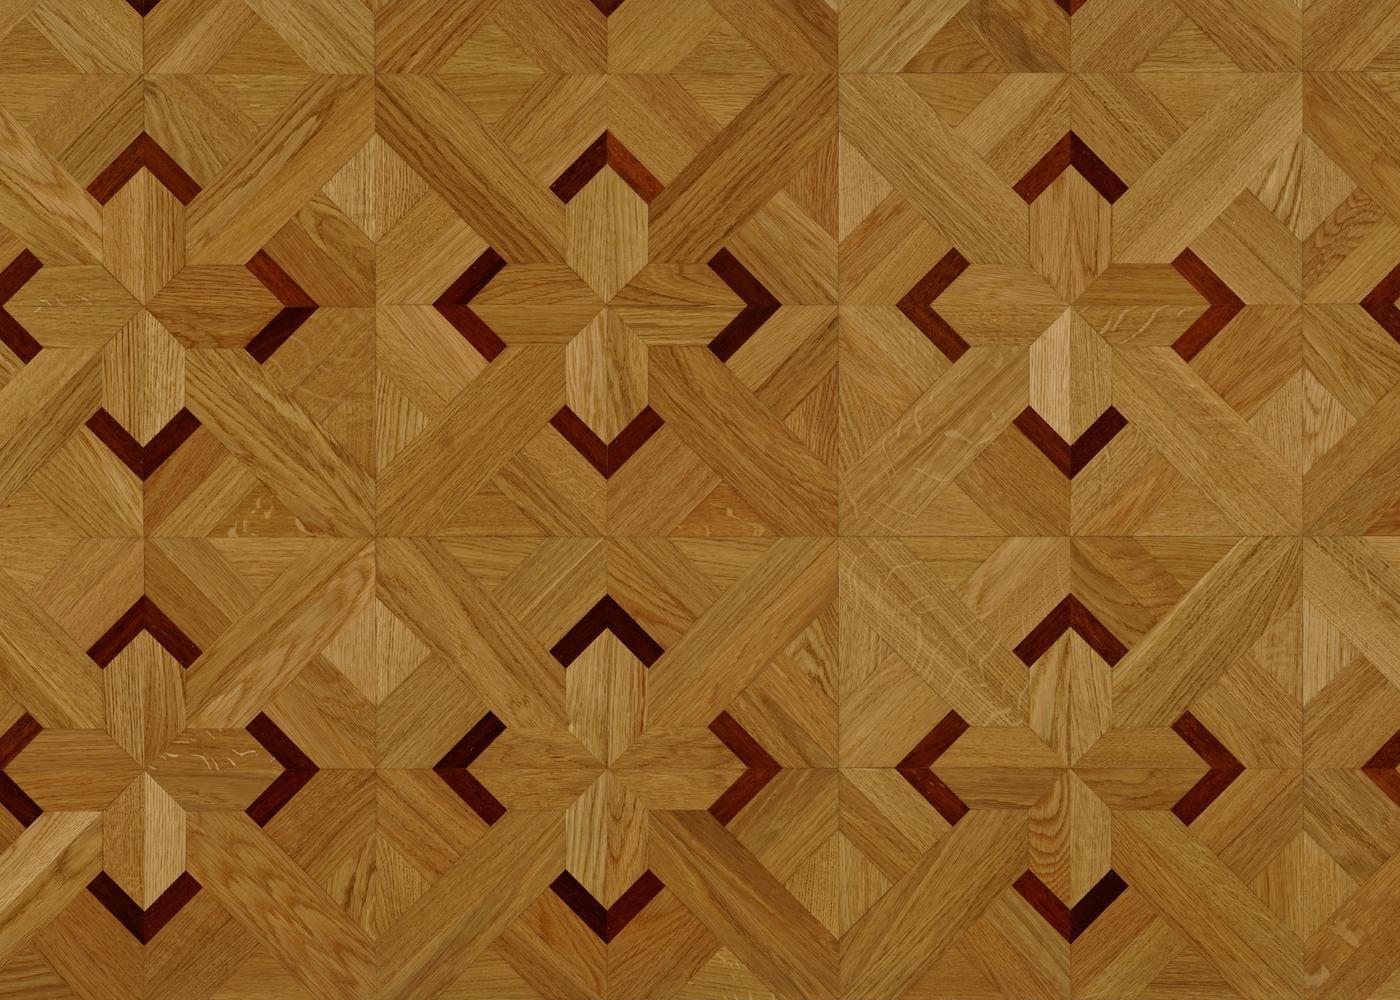 Dalles marqueterie chêne contrecollé décor 1 vernis satiné 14x392x392